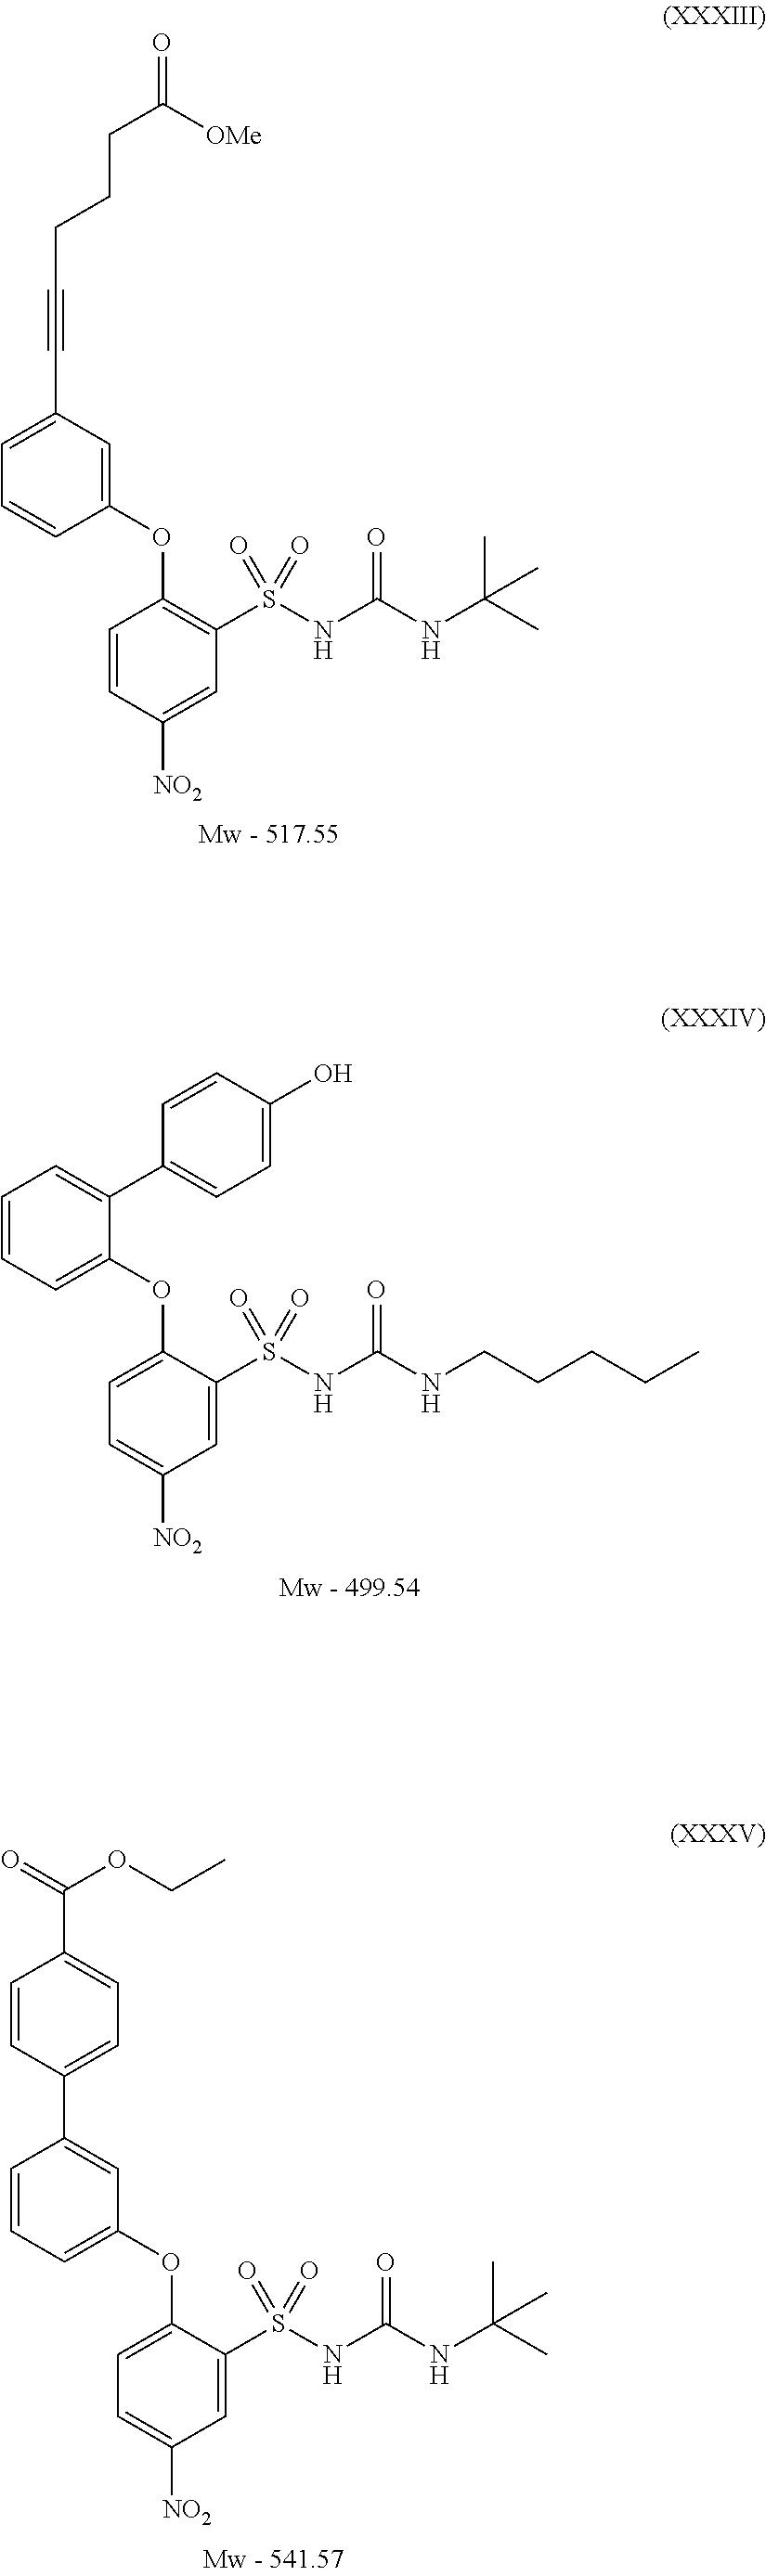 Figure US09718781-20170801-C00033